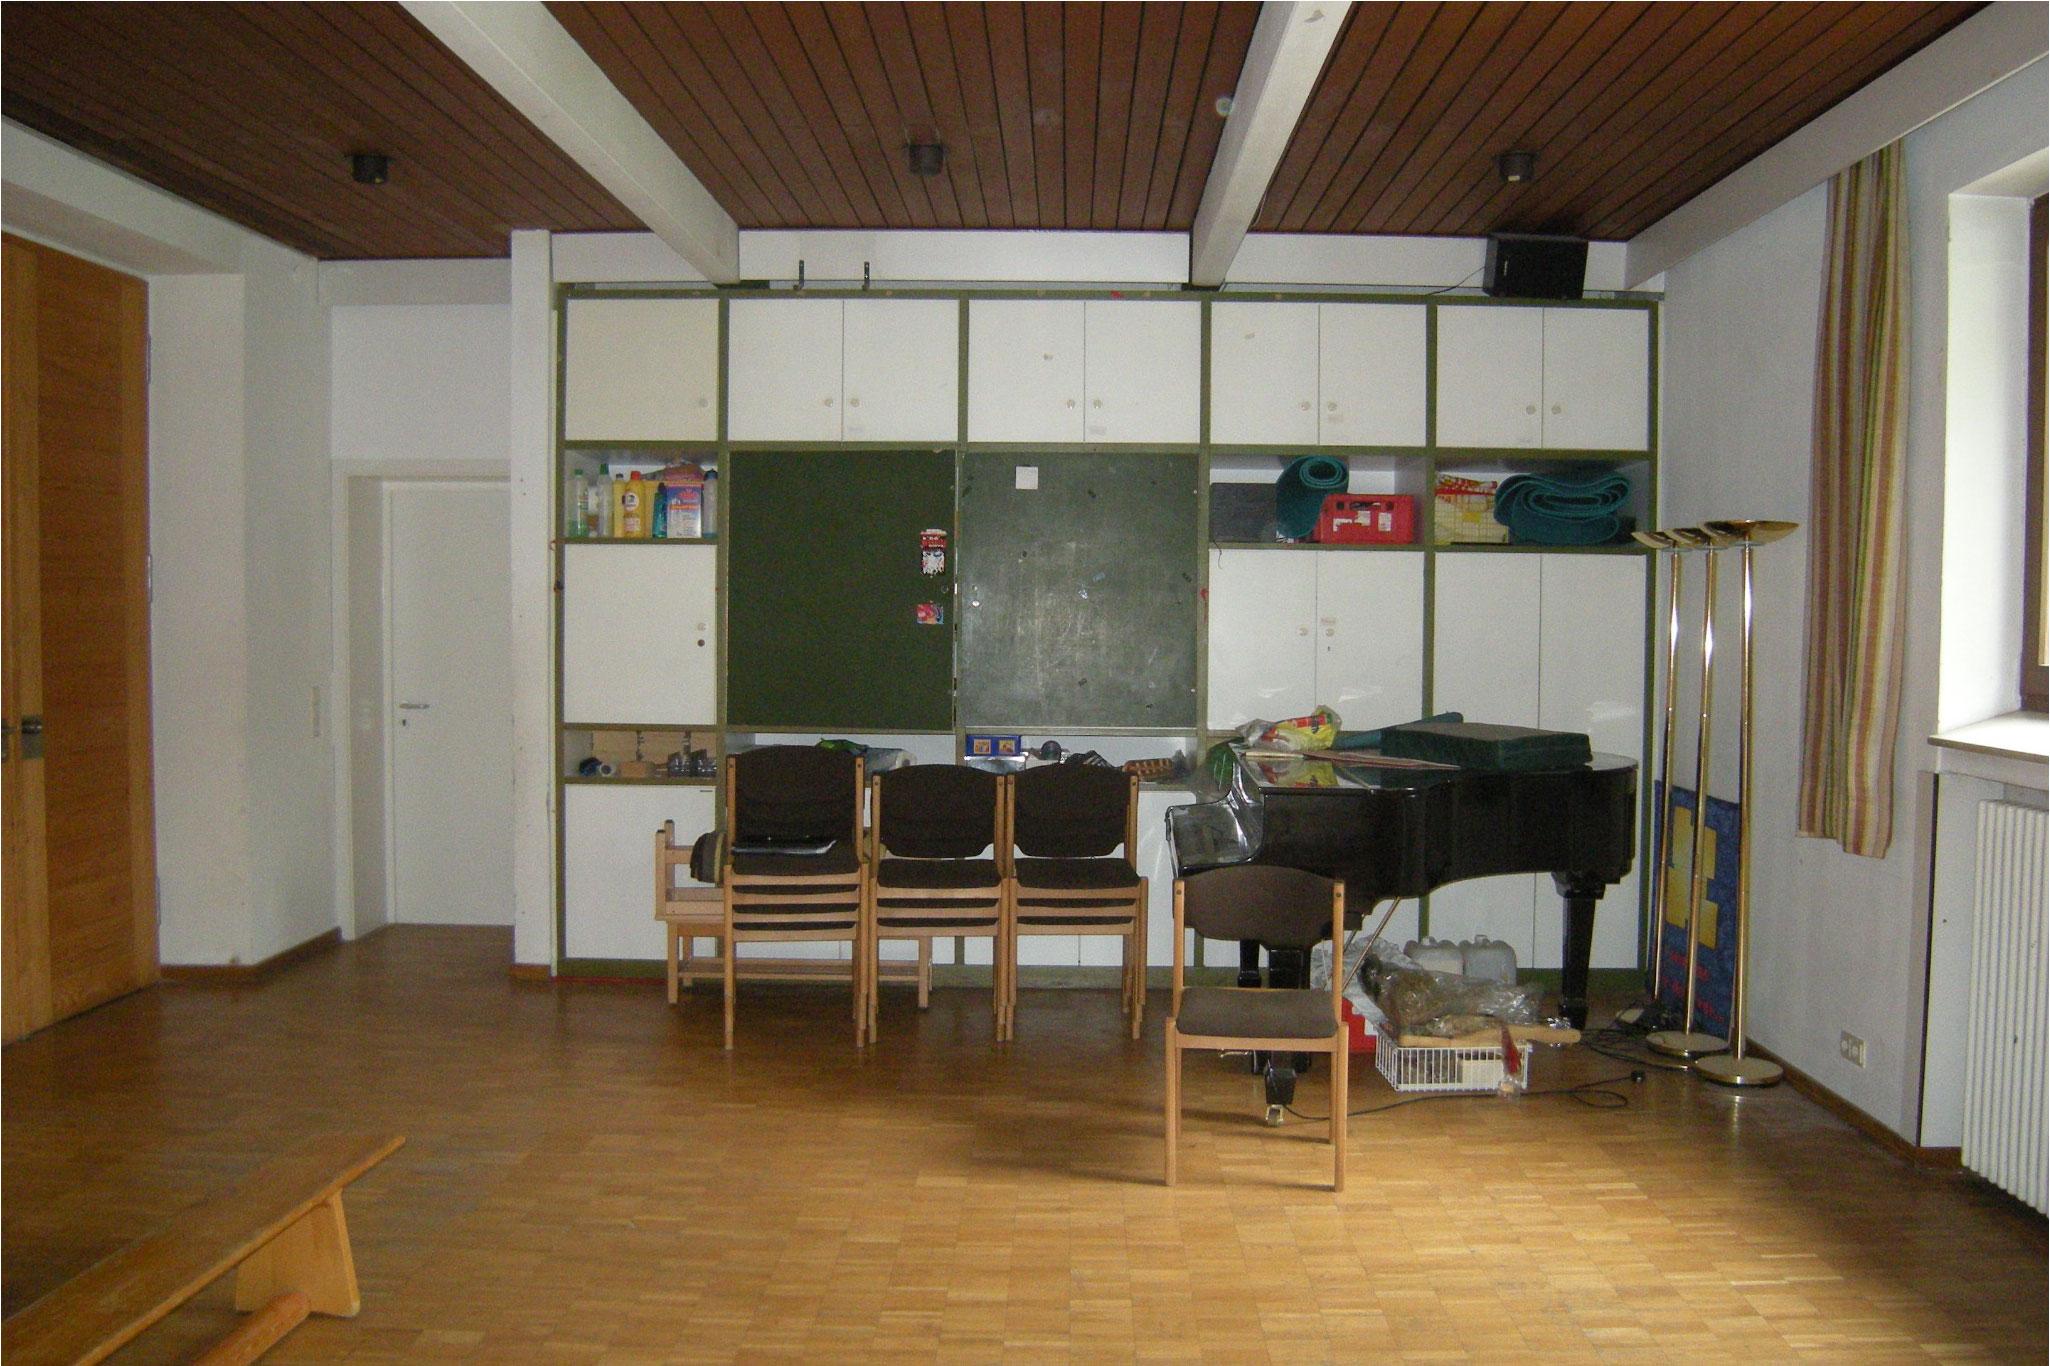 Innenarchitektur-München-Sanierung-Raum3-Vorher-1